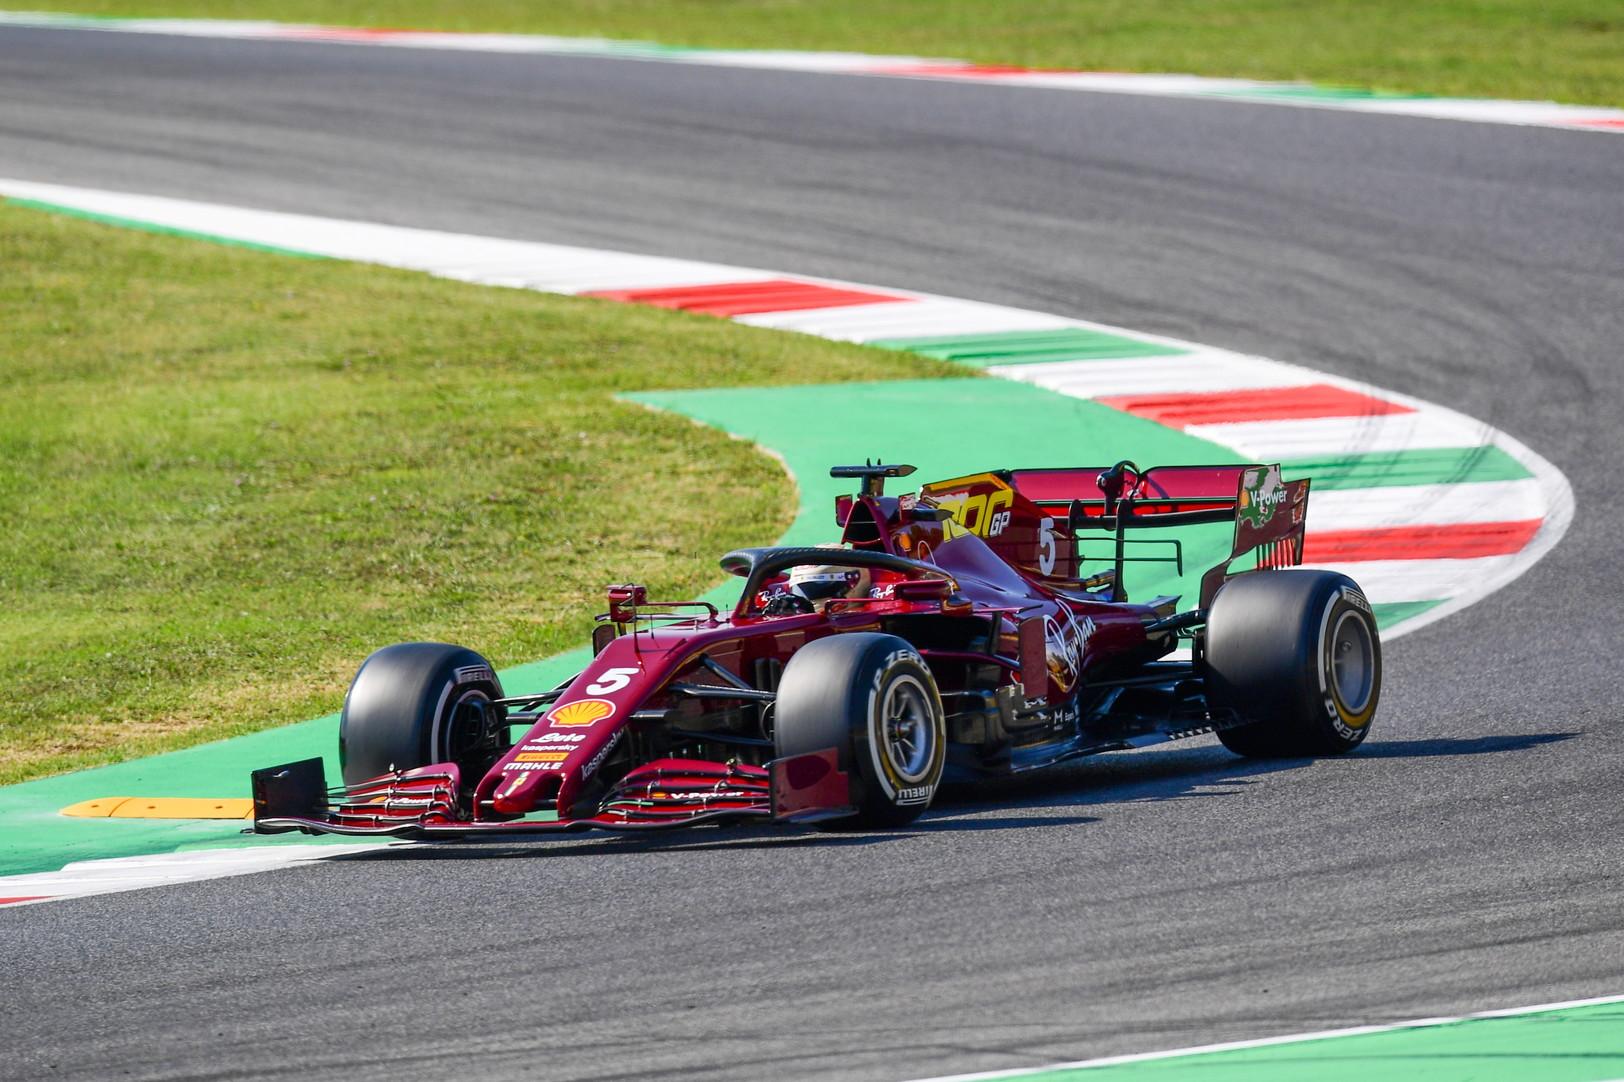 Piloti in pista per la prima giornata di prove libere sul tracciato toscano della Ferrari.<br /><br />